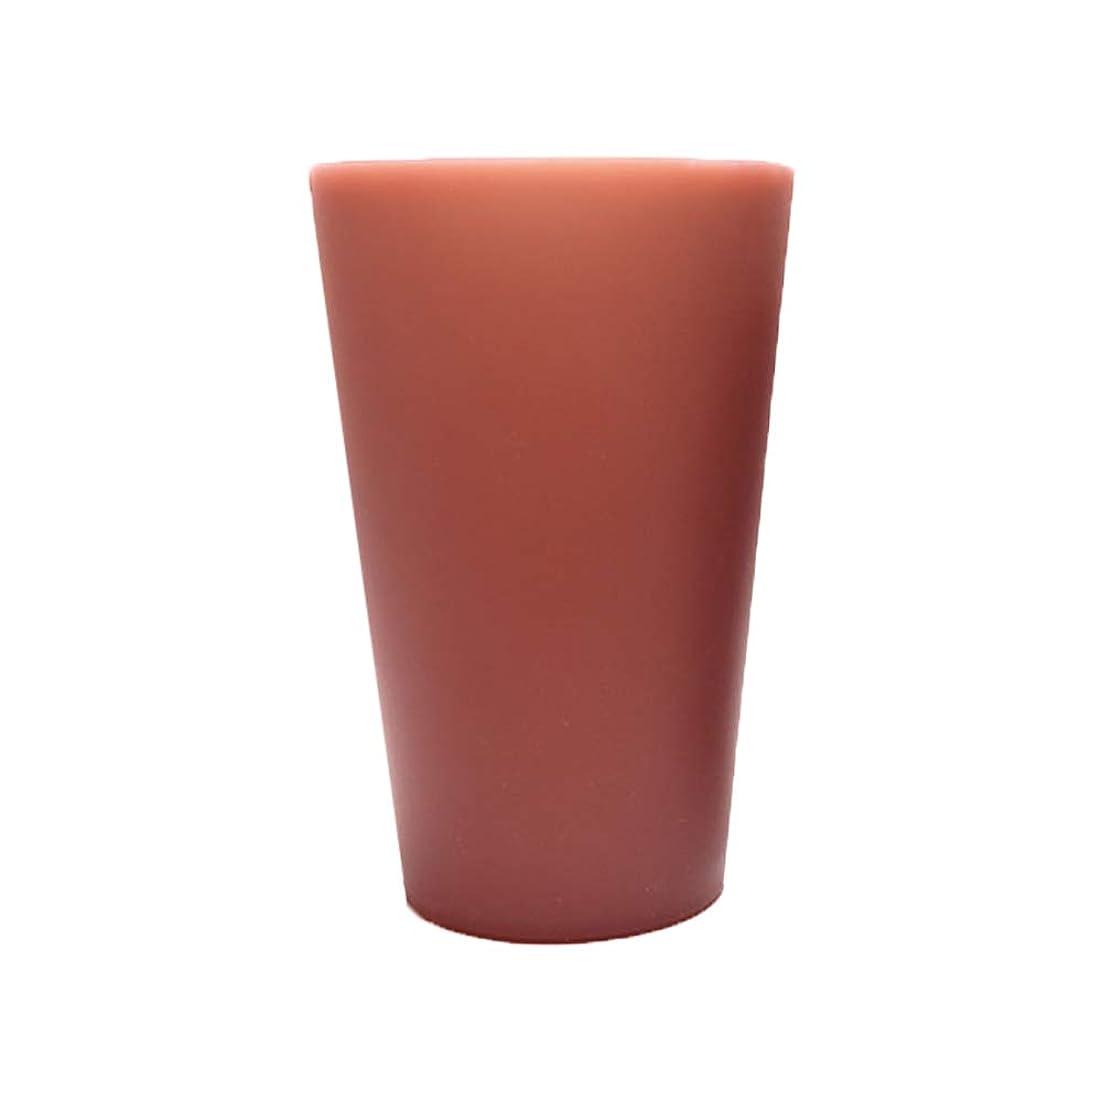 自己尊重呼吸する領事館KINDOYO 折りたたみカップ - シリコーン 食品級 超軽量 コップ カップ 野外運動 590ML